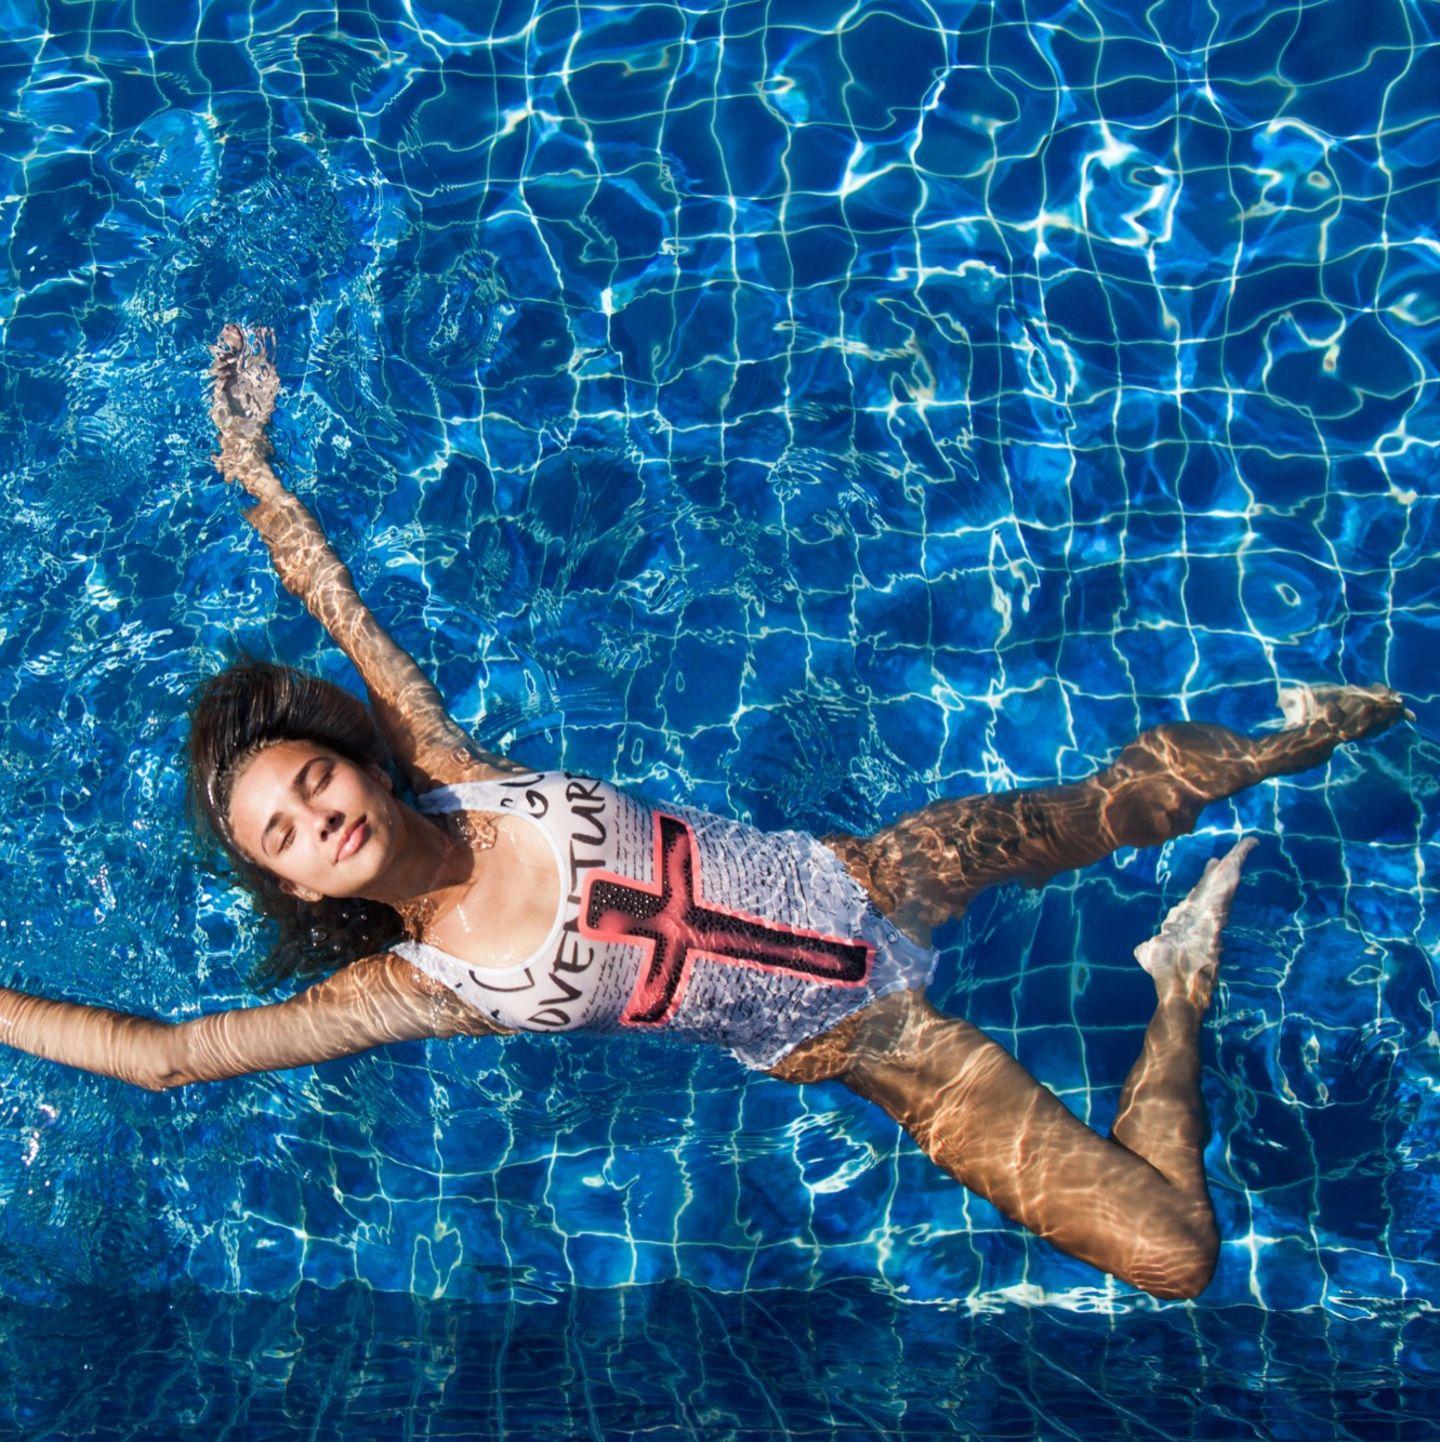 Mit tampon periode gehen man schwimmen kann ohne Pinkeln mit